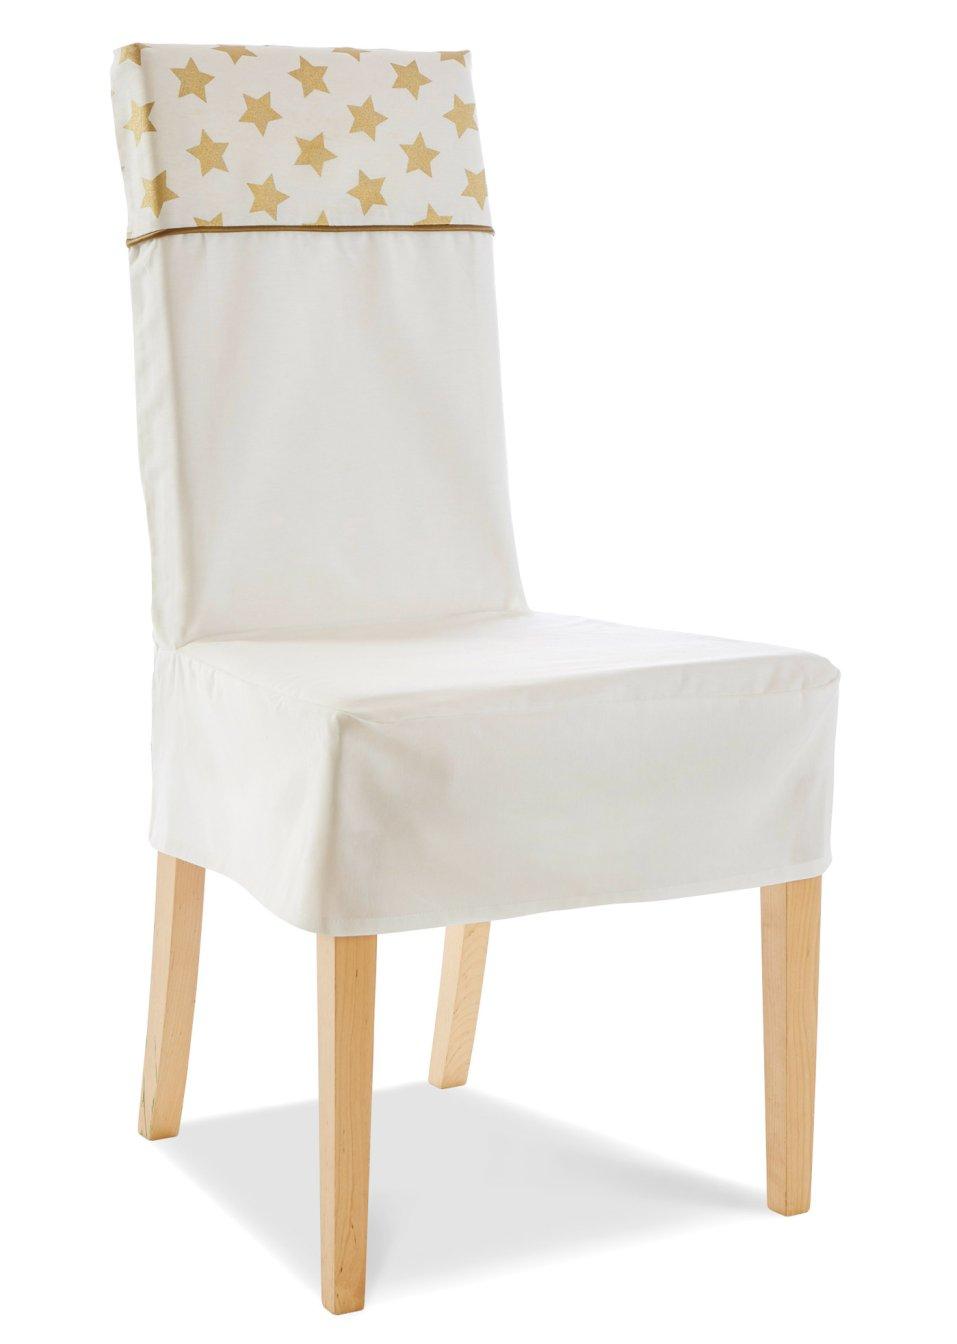 housse de chaise toile blanc dor acheter online. Black Bedroom Furniture Sets. Home Design Ideas